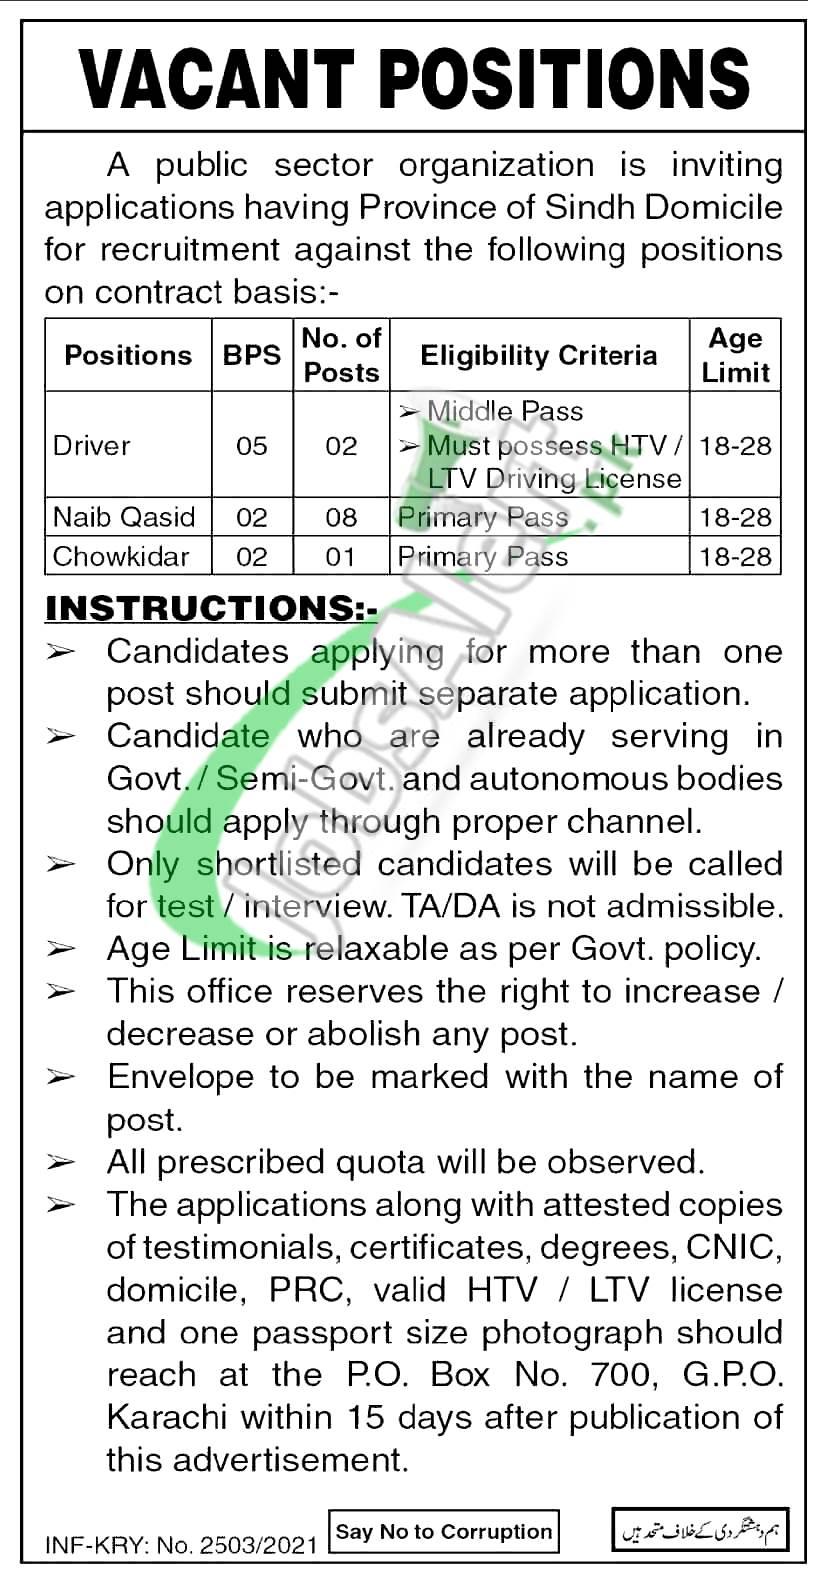 PO Box 700 Karachi Jobs